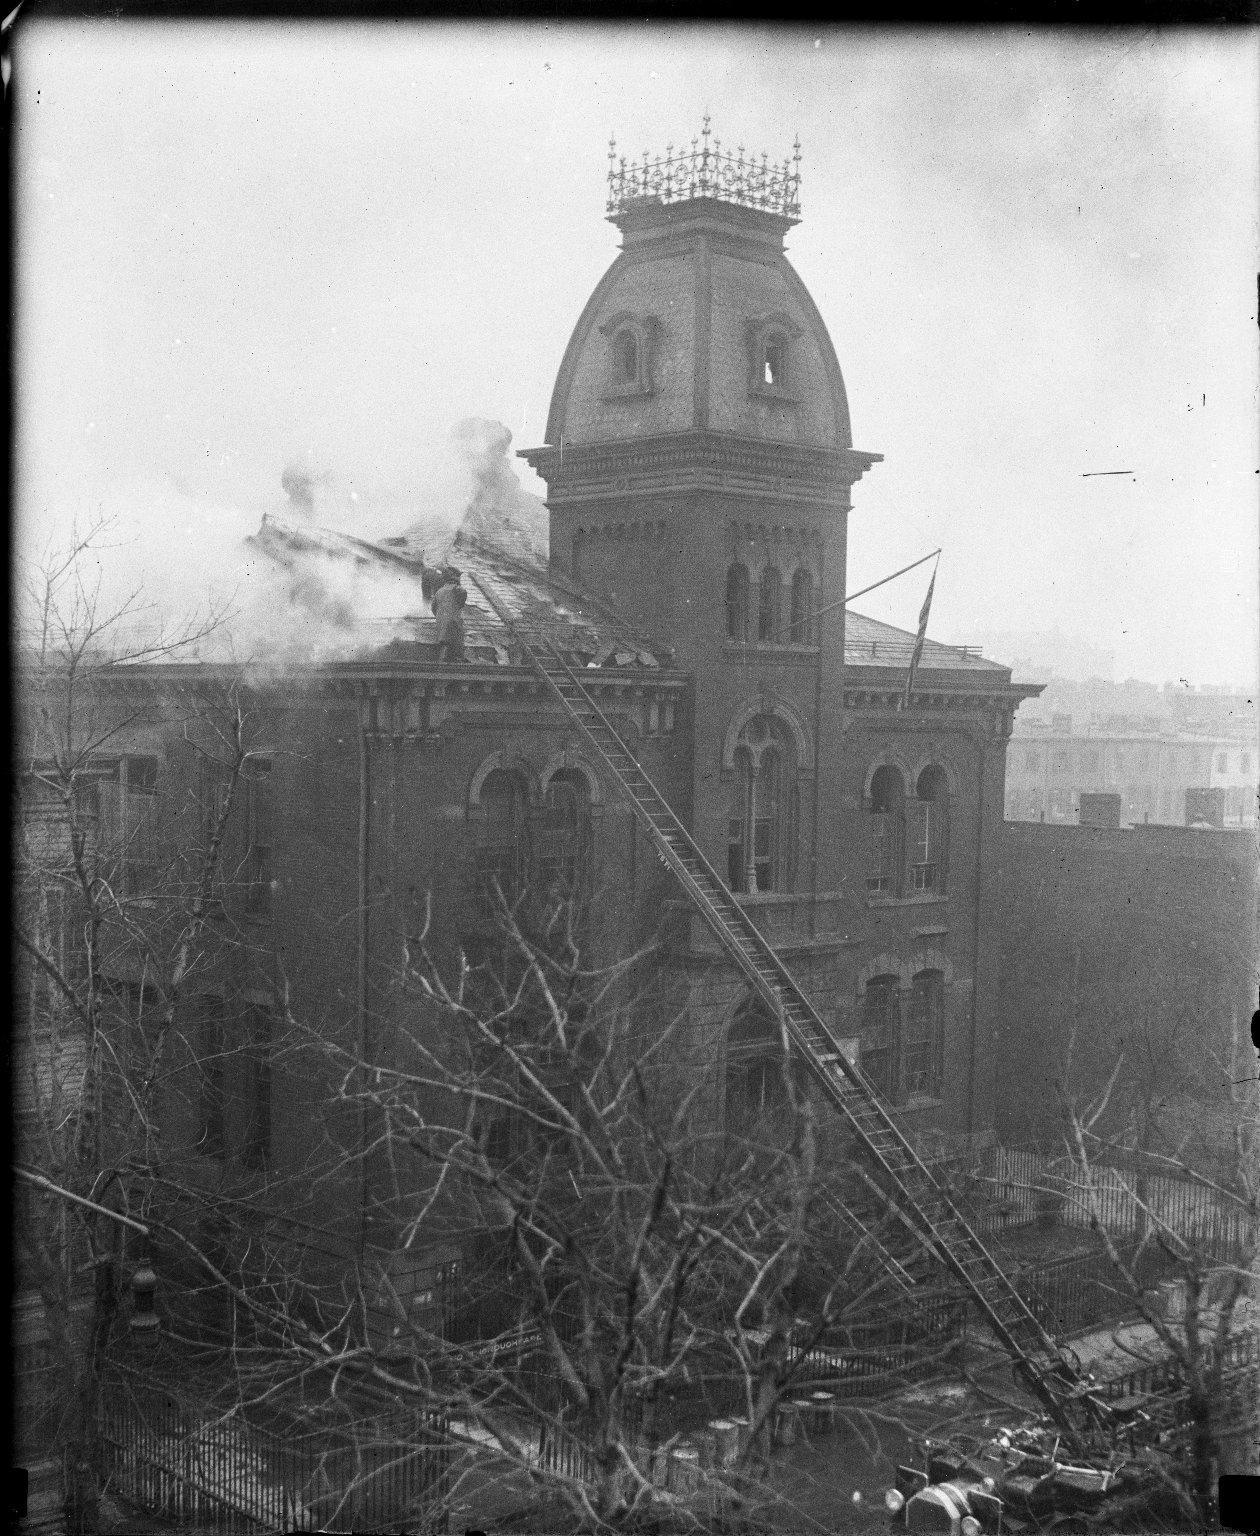 Пожар в муниципальном здании. Пожарная автолестница в работе. Нью-Йорк, США. Начало 20 века.